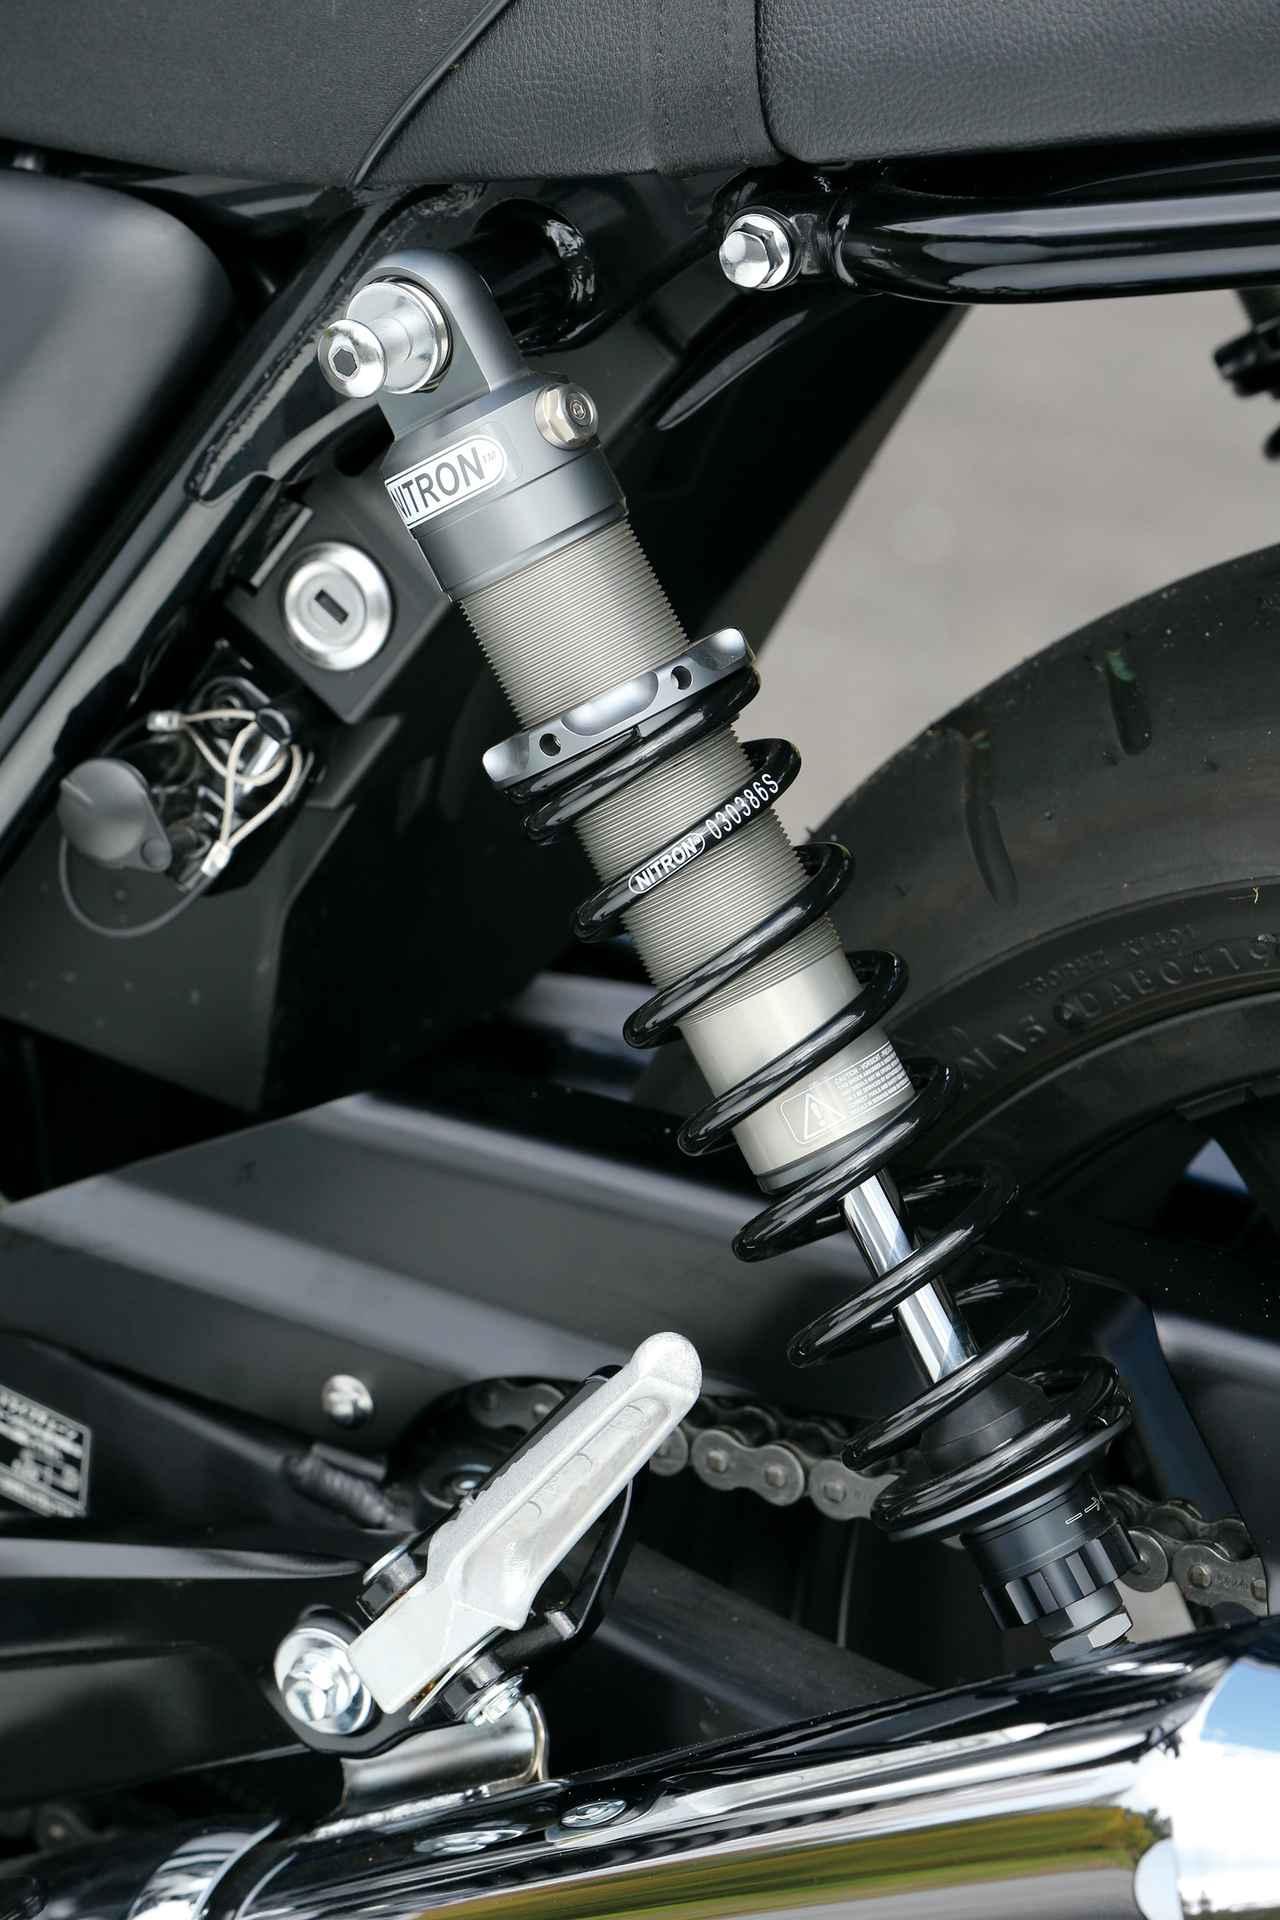 Images : 4番目の画像 - CB1100RS LOW STYLEの写真をまとめて見る! - webオートバイ